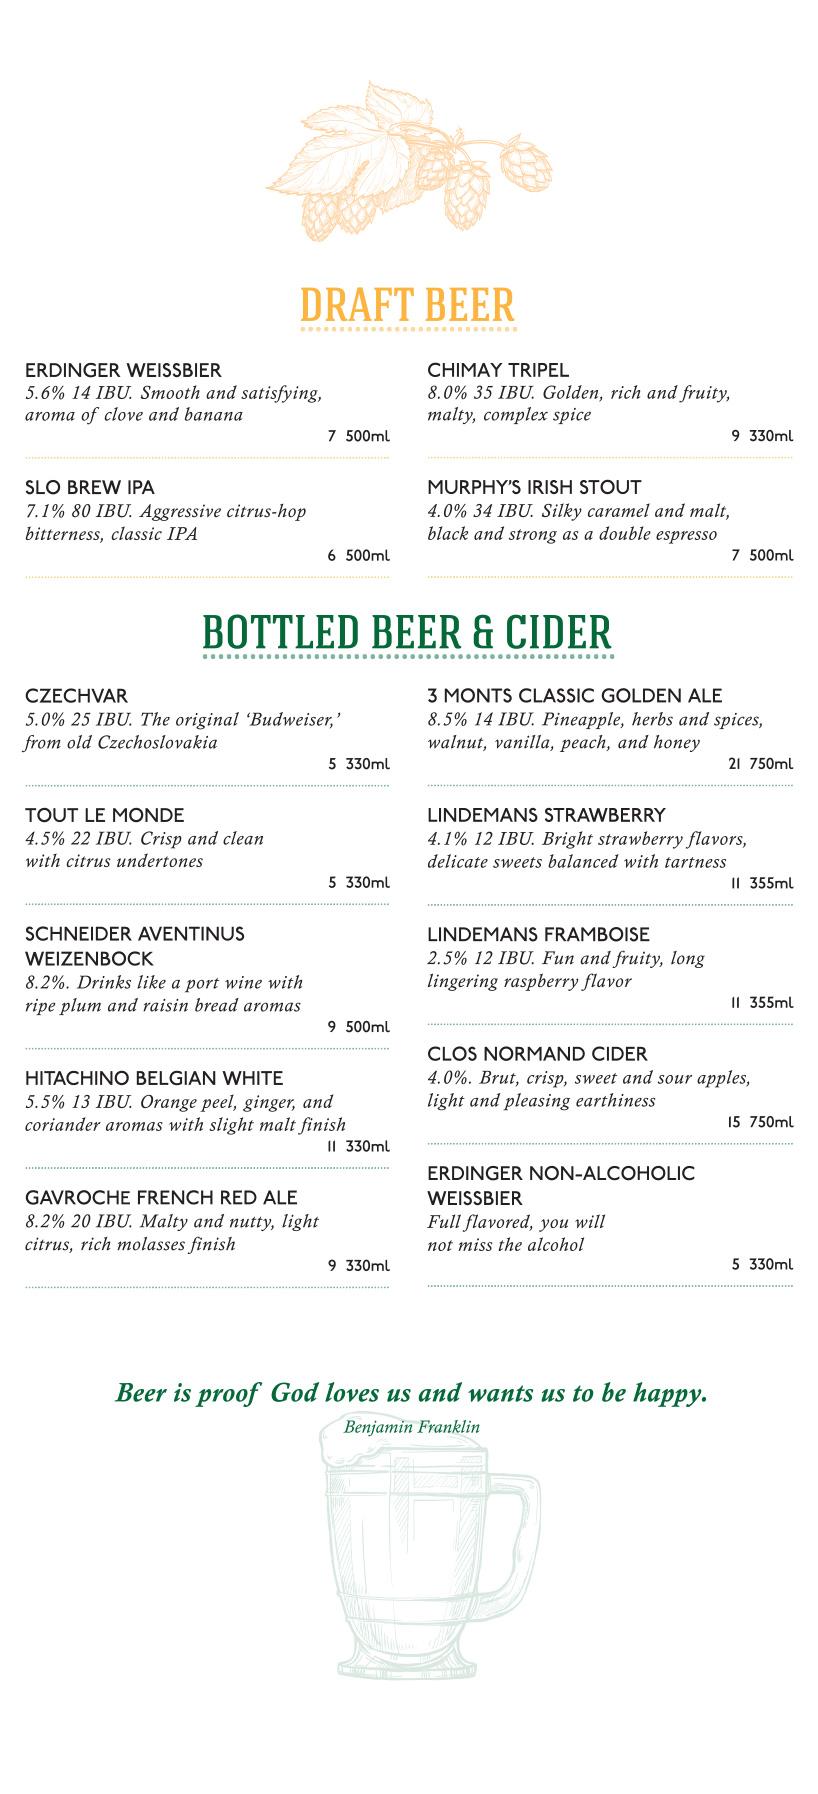 beer-02.12.18.jpg